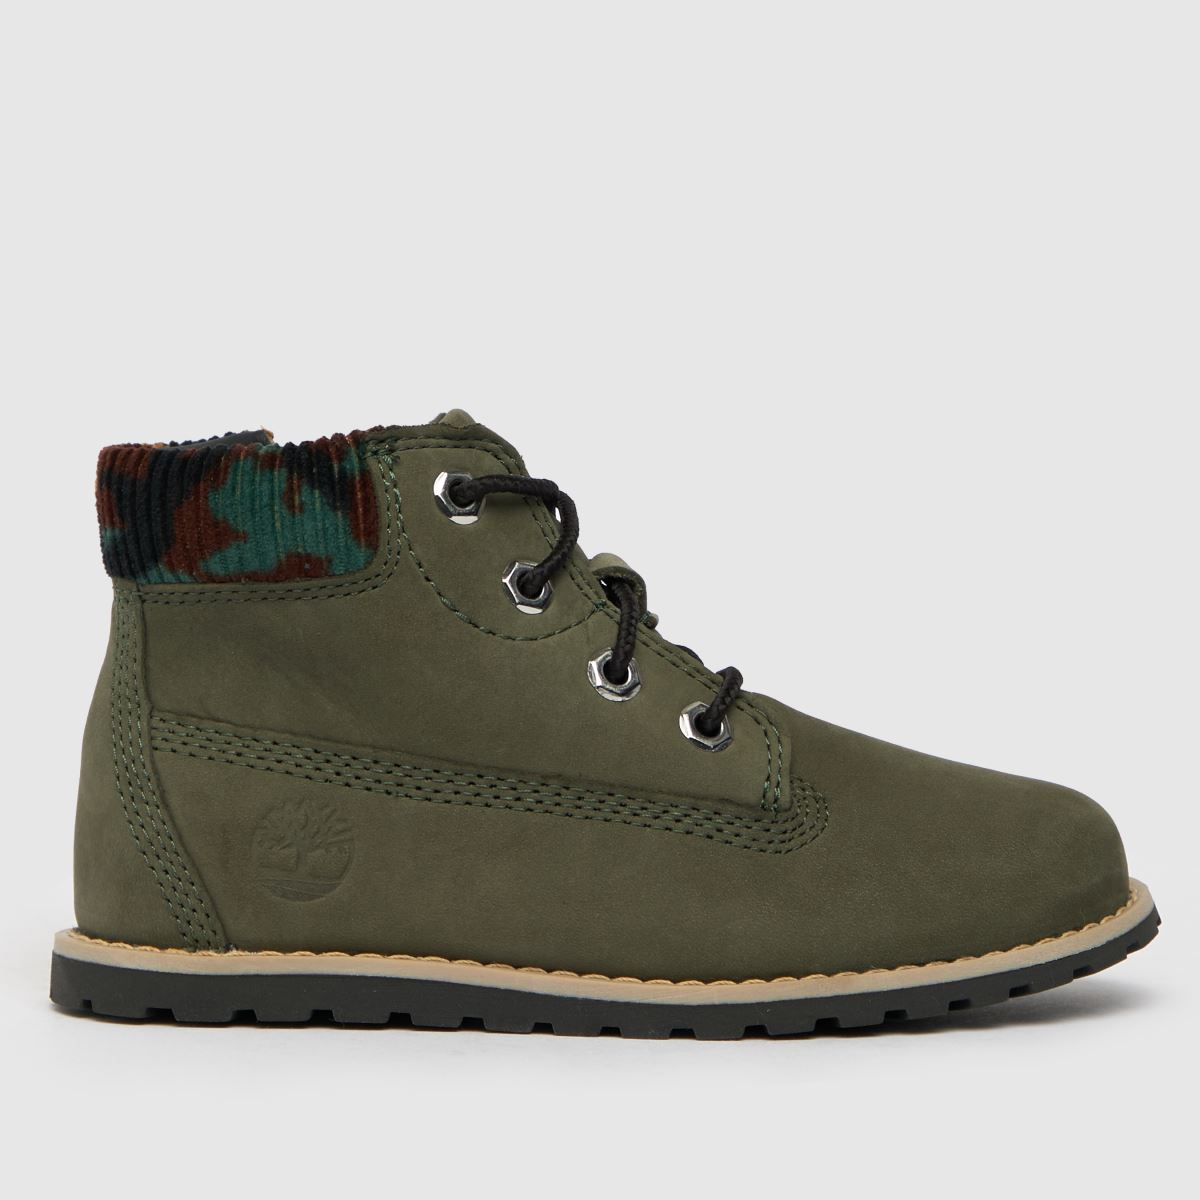 Timberland Dark Green Pokey Pine Zip Camo Boots Toddler